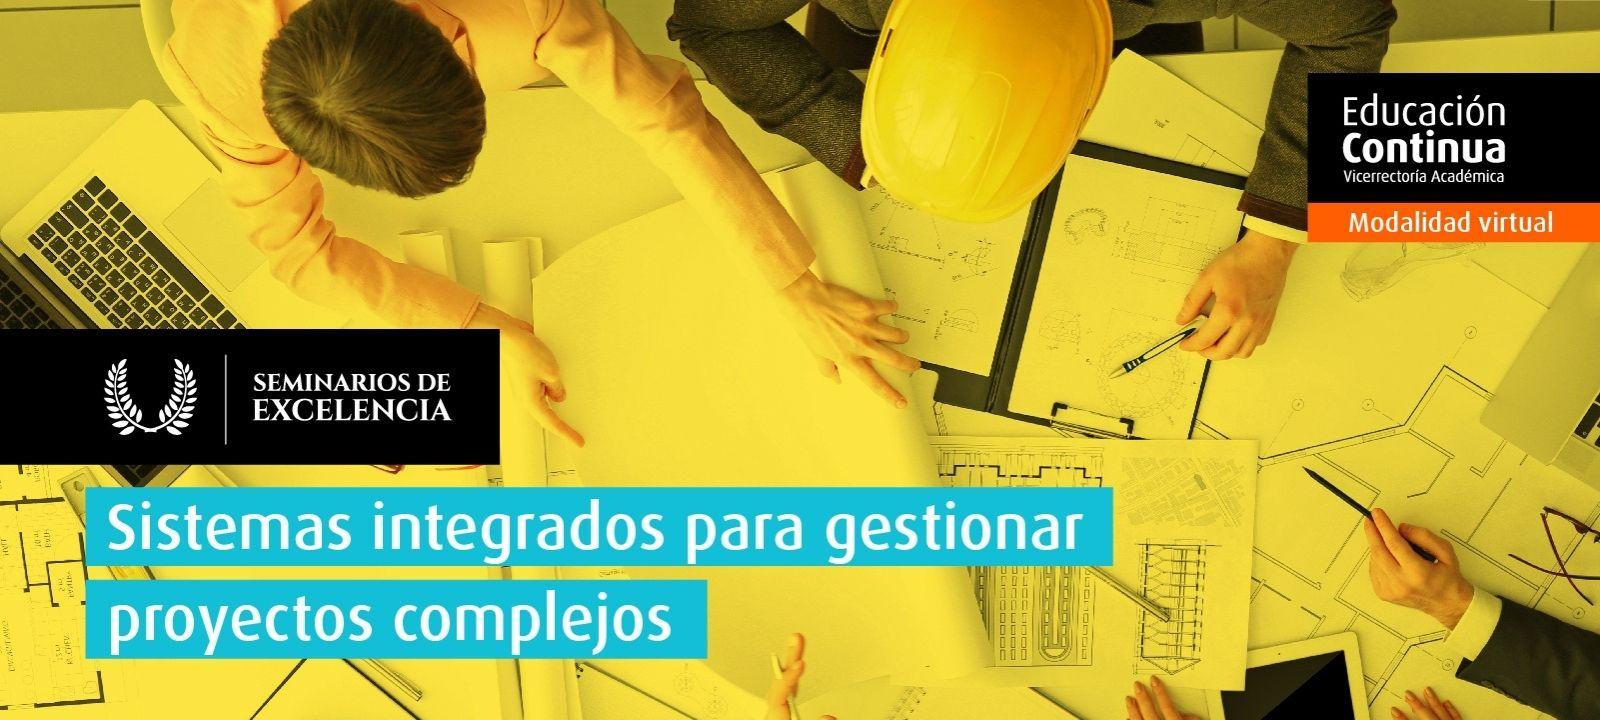 Curso virtual - Sistemas integrados para gestionar proyectos complejos